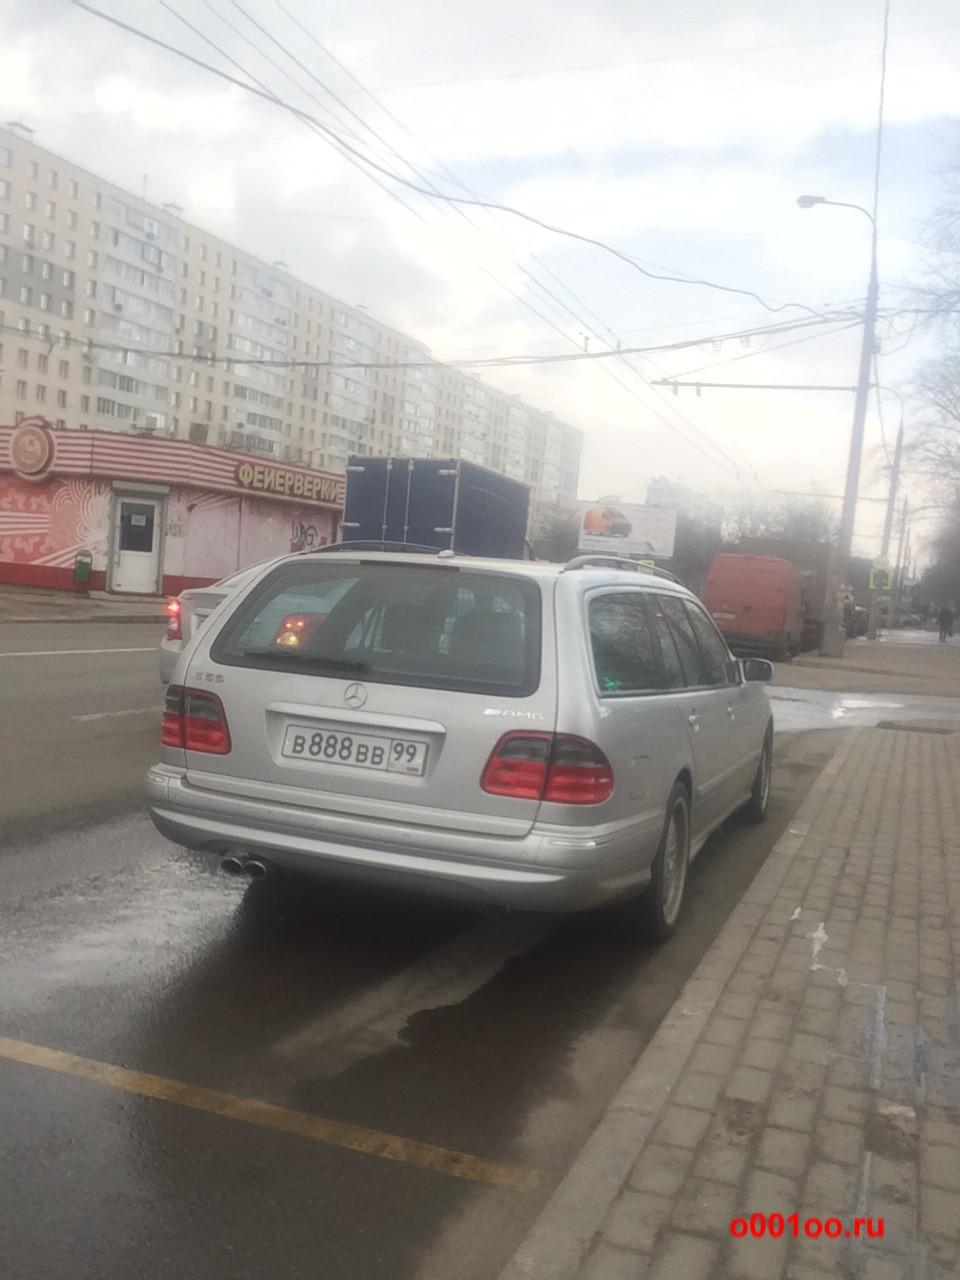 в888вв99